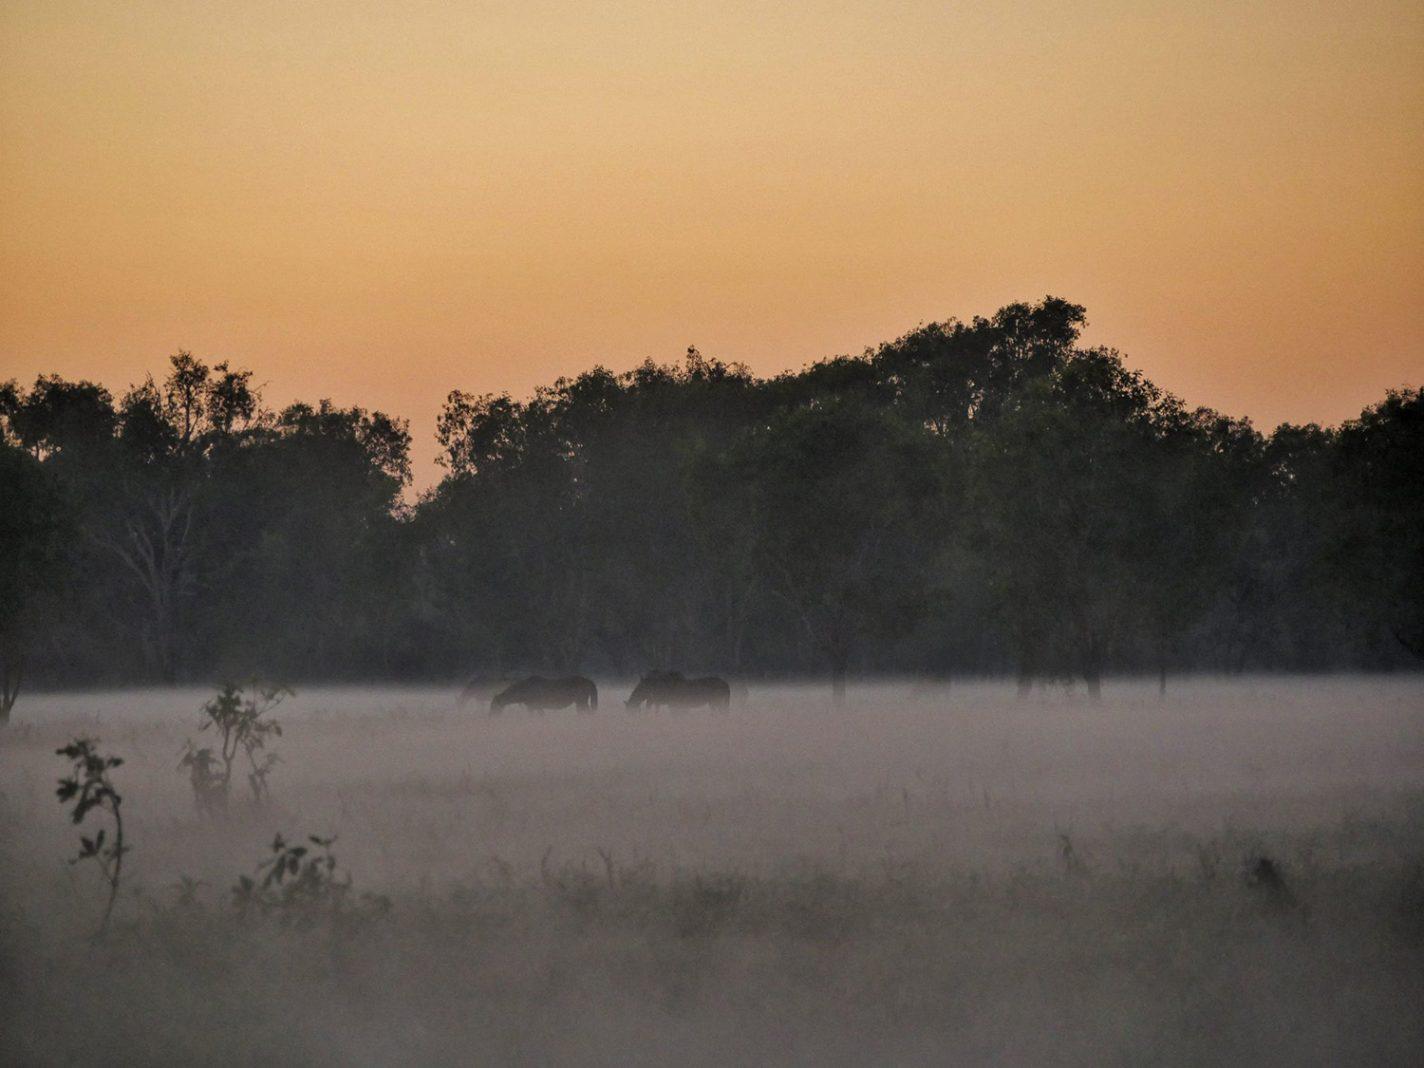 Paarden in de mist - Kakadu National Park